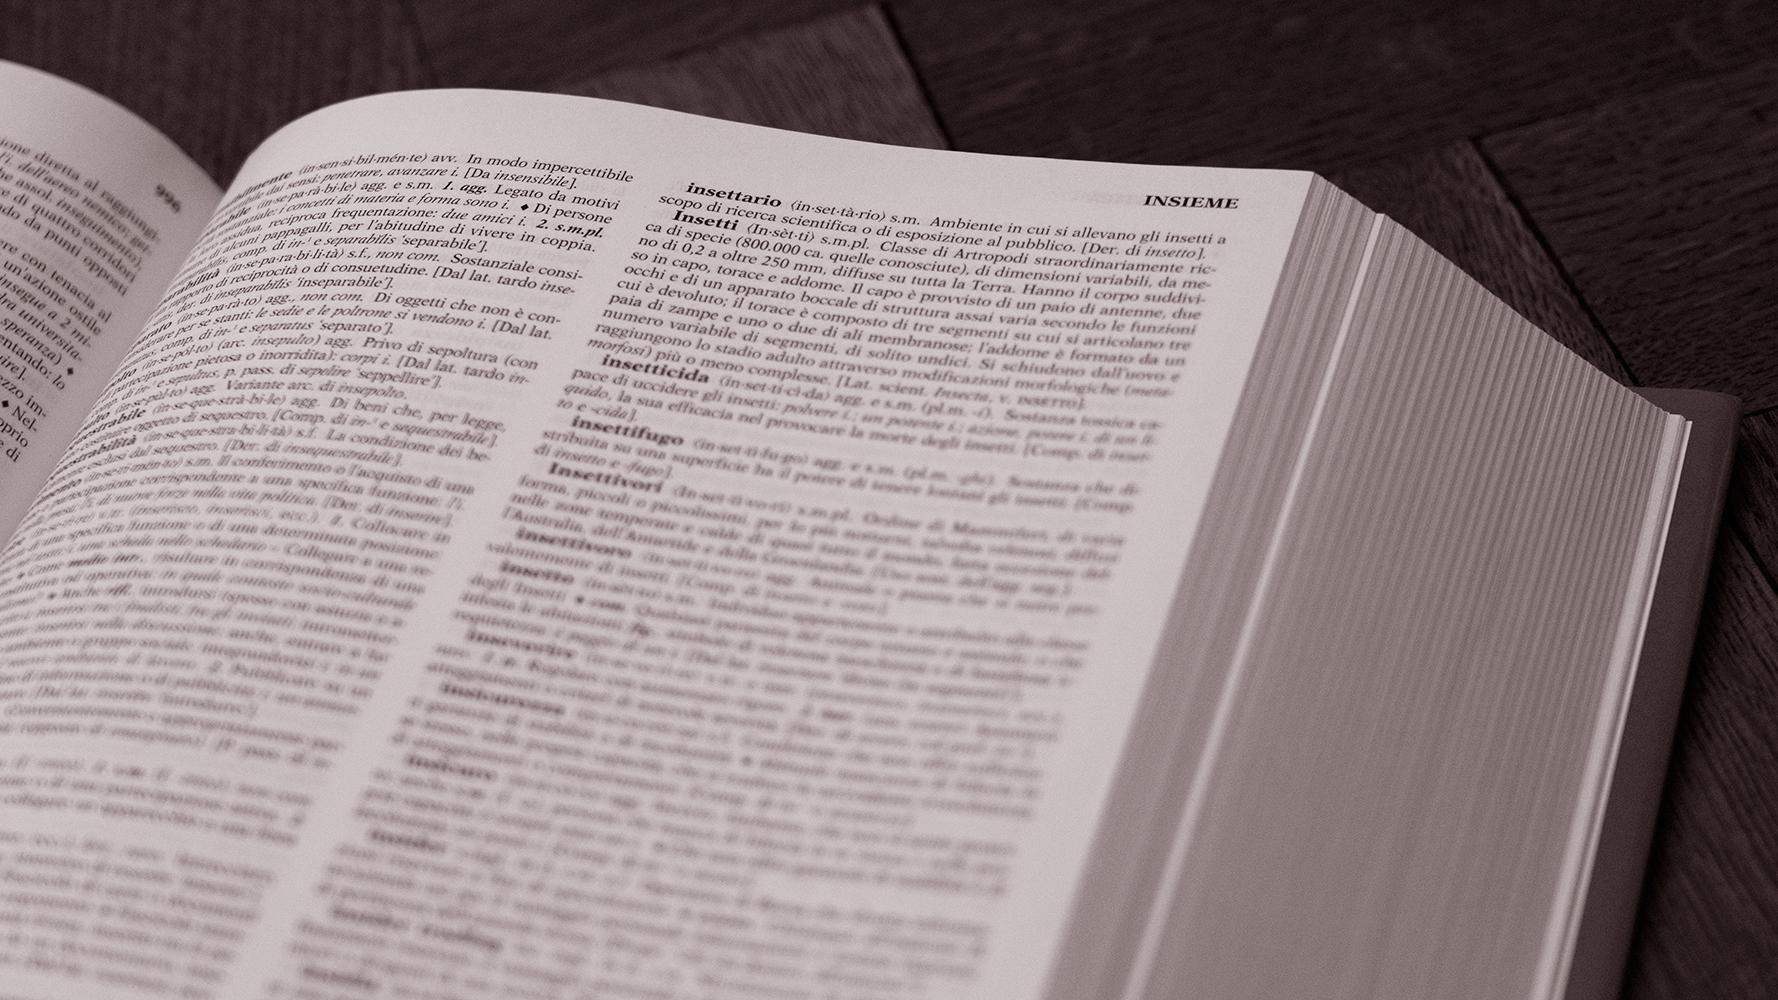 Detailansicht eines Italienisch-Wörterbuchs